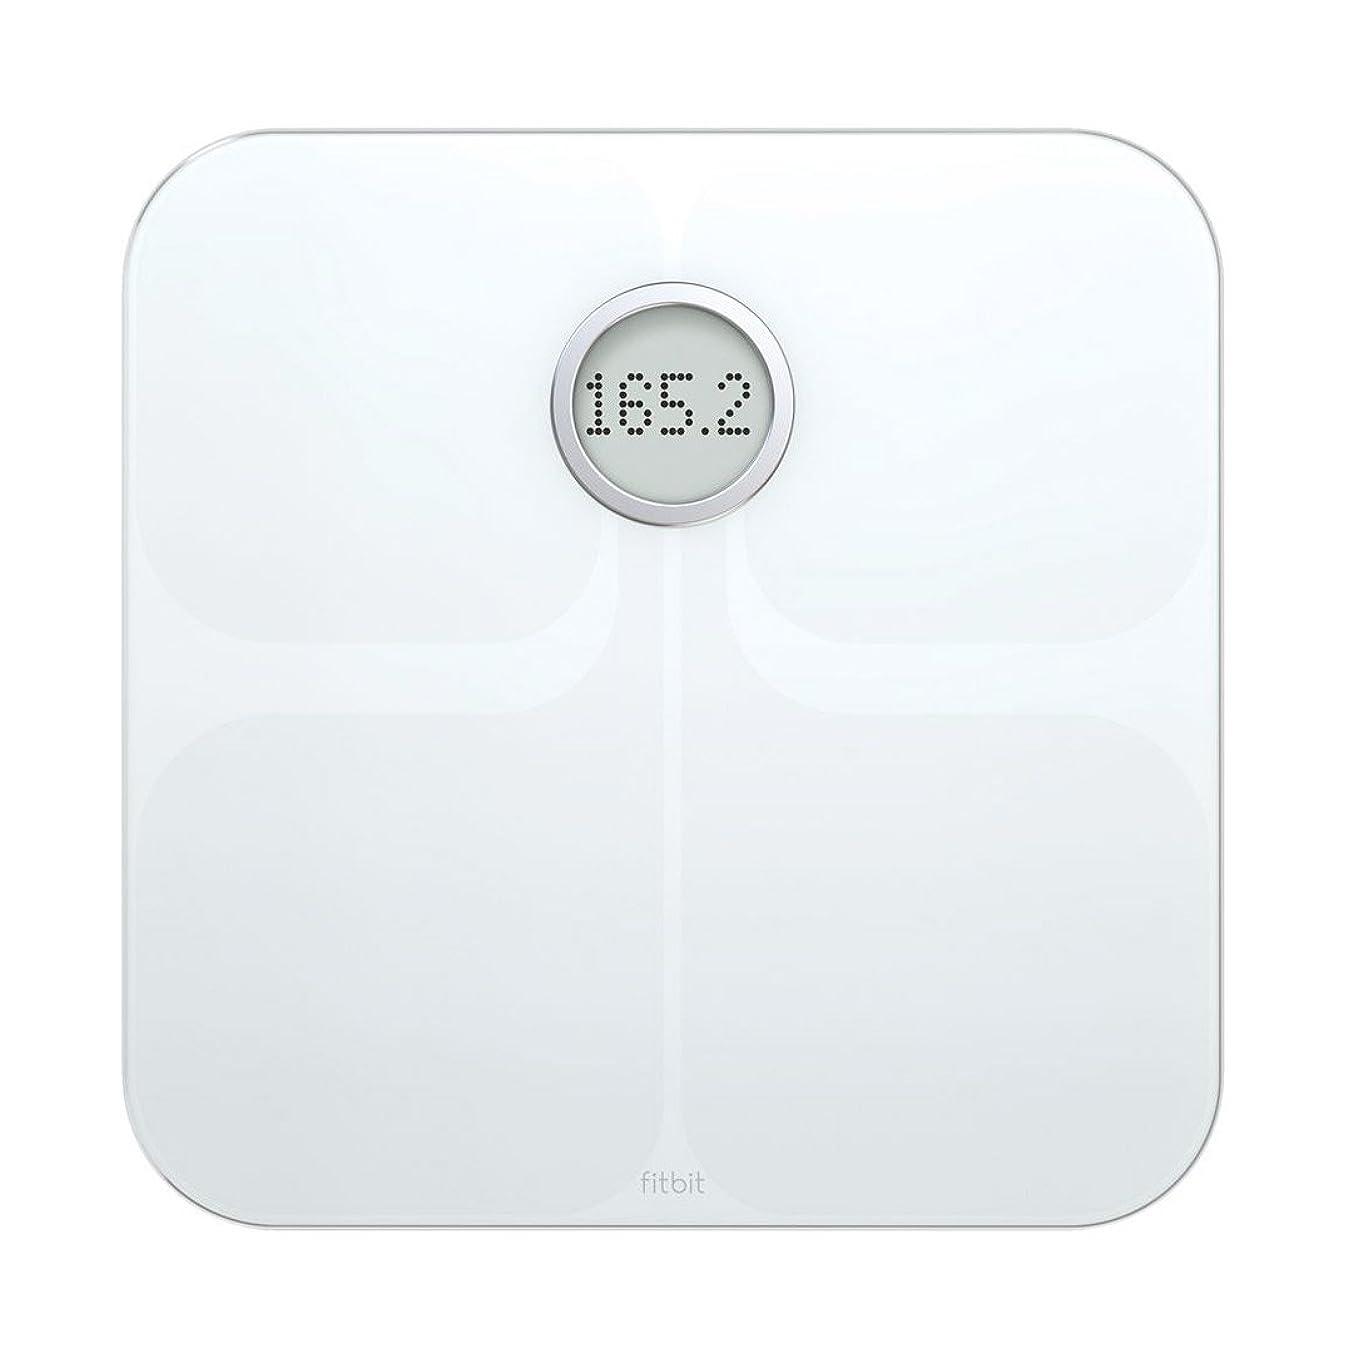 アサーおめでとう同僚Fitbit(フィットビット) Aria Wi-Fi Smart Scale 多機能体重計 White [並行輸入品]